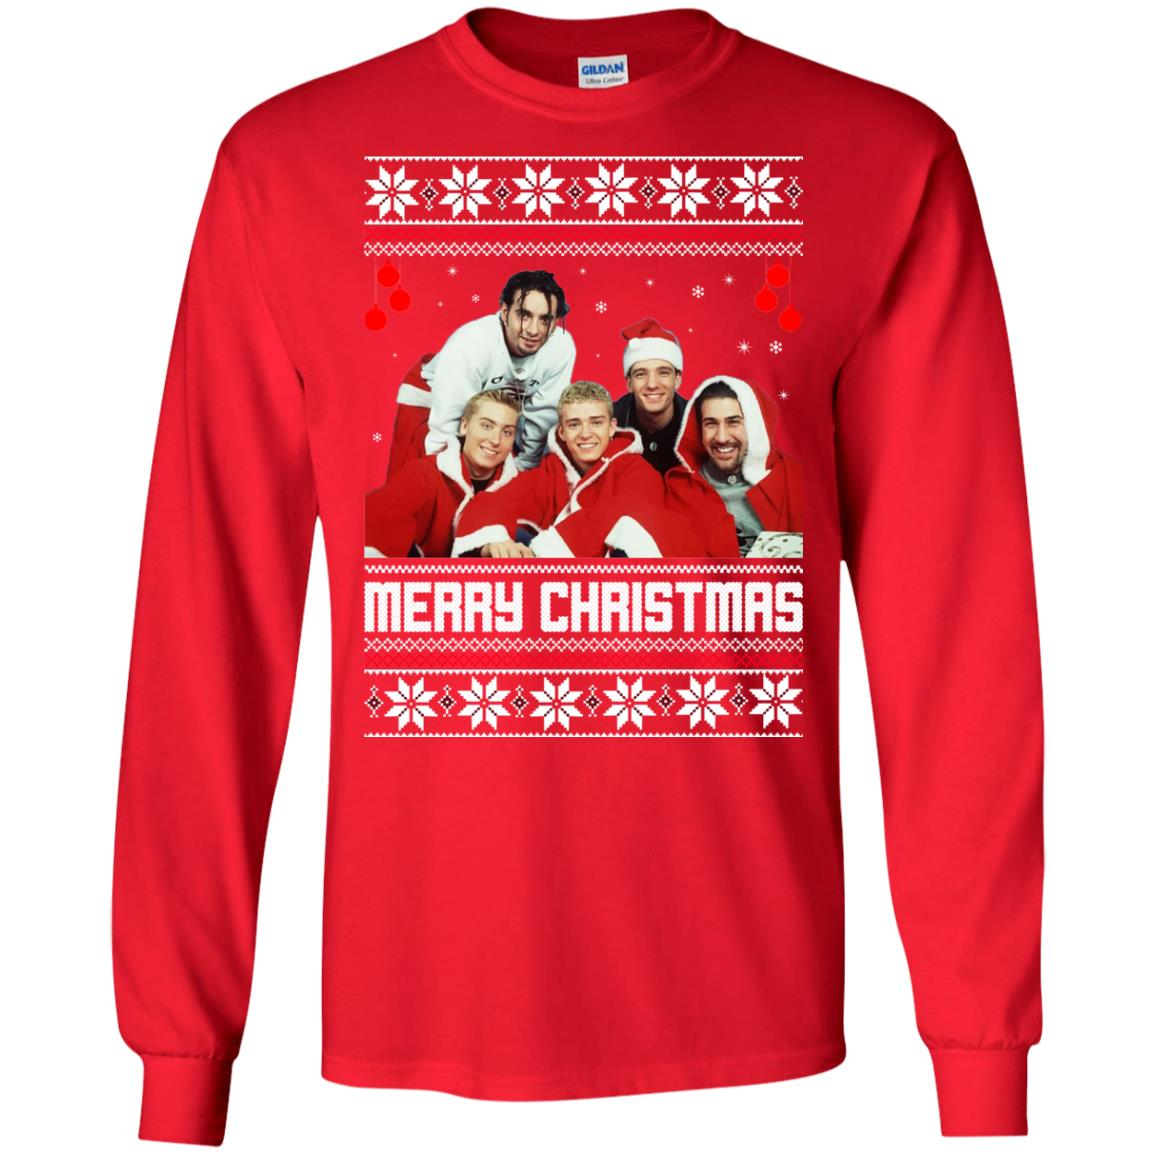 Nsync Christmas Sweater, Ugly Sweatshirts - Rockatee